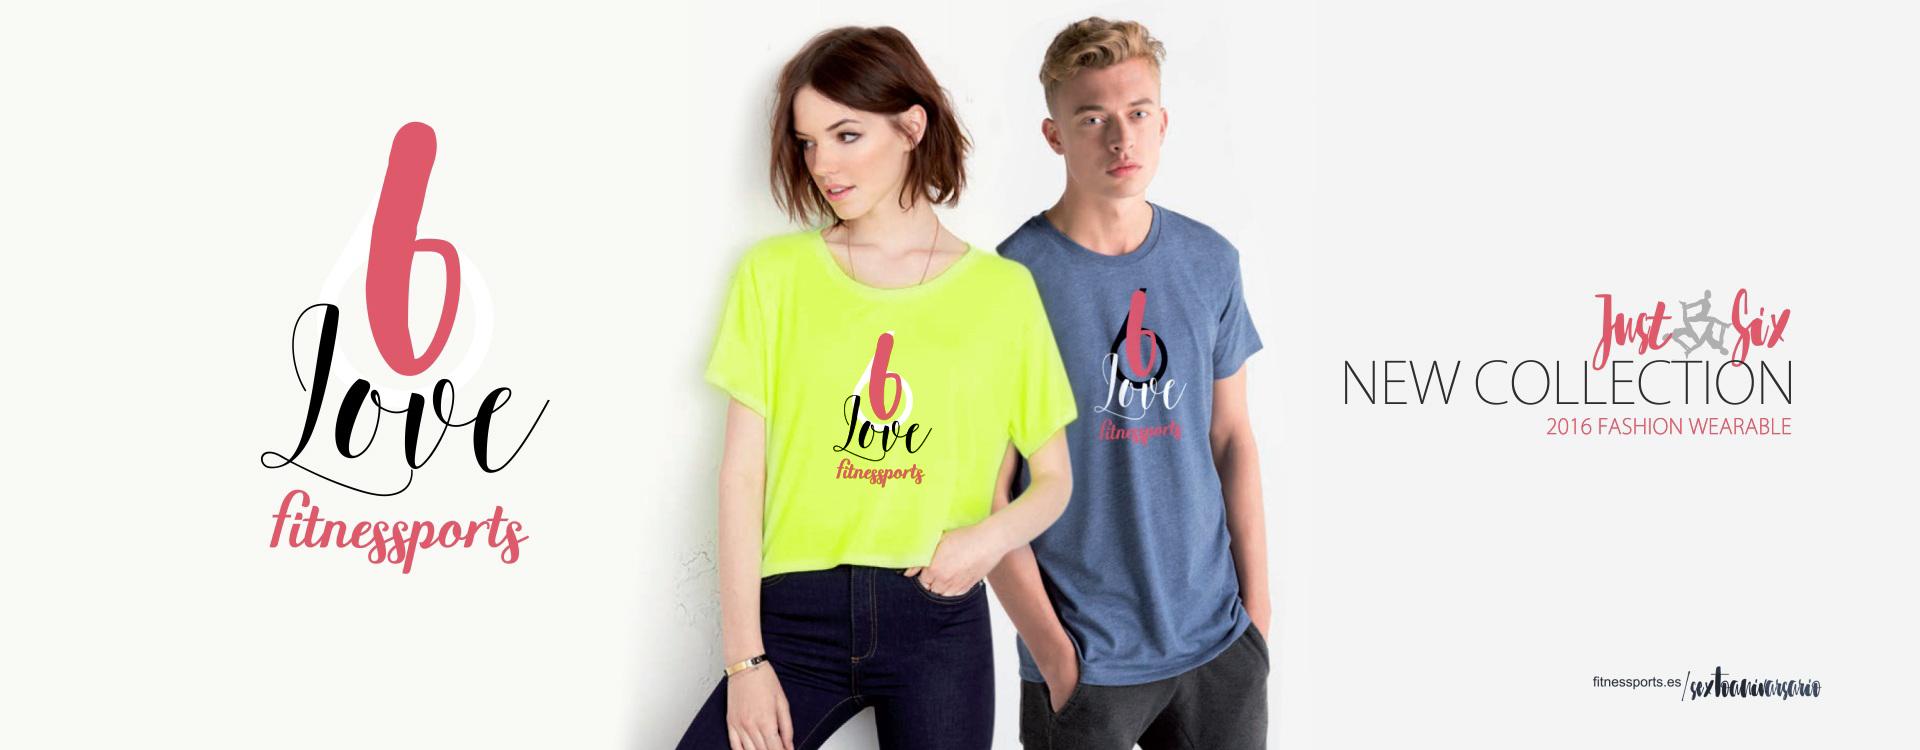 Diseño de camisetas promocionales para evento deportivo - JustSix Fitness Sports Valle las CAñas